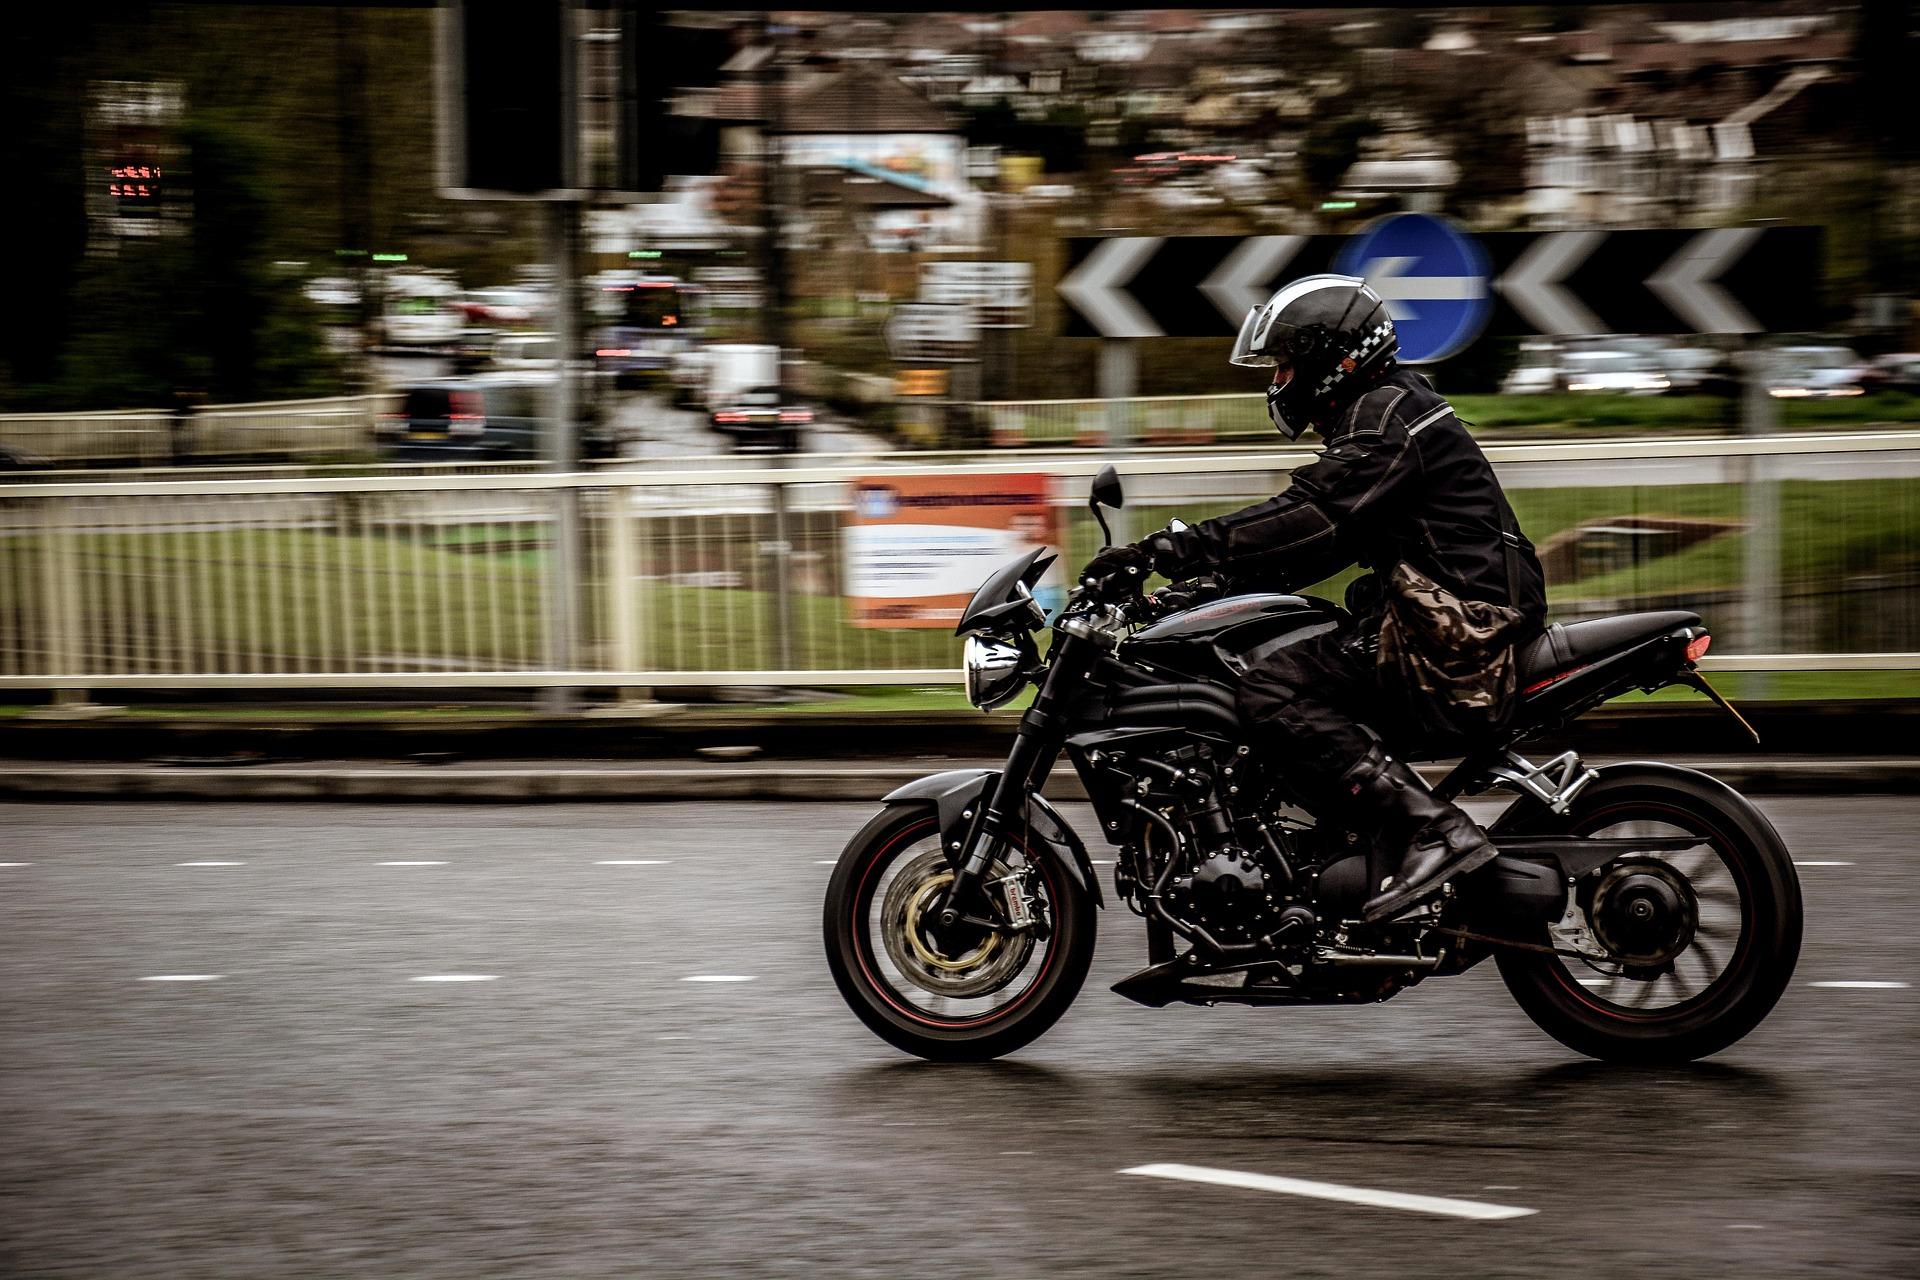 motorcycle-2268521_1920.jpg